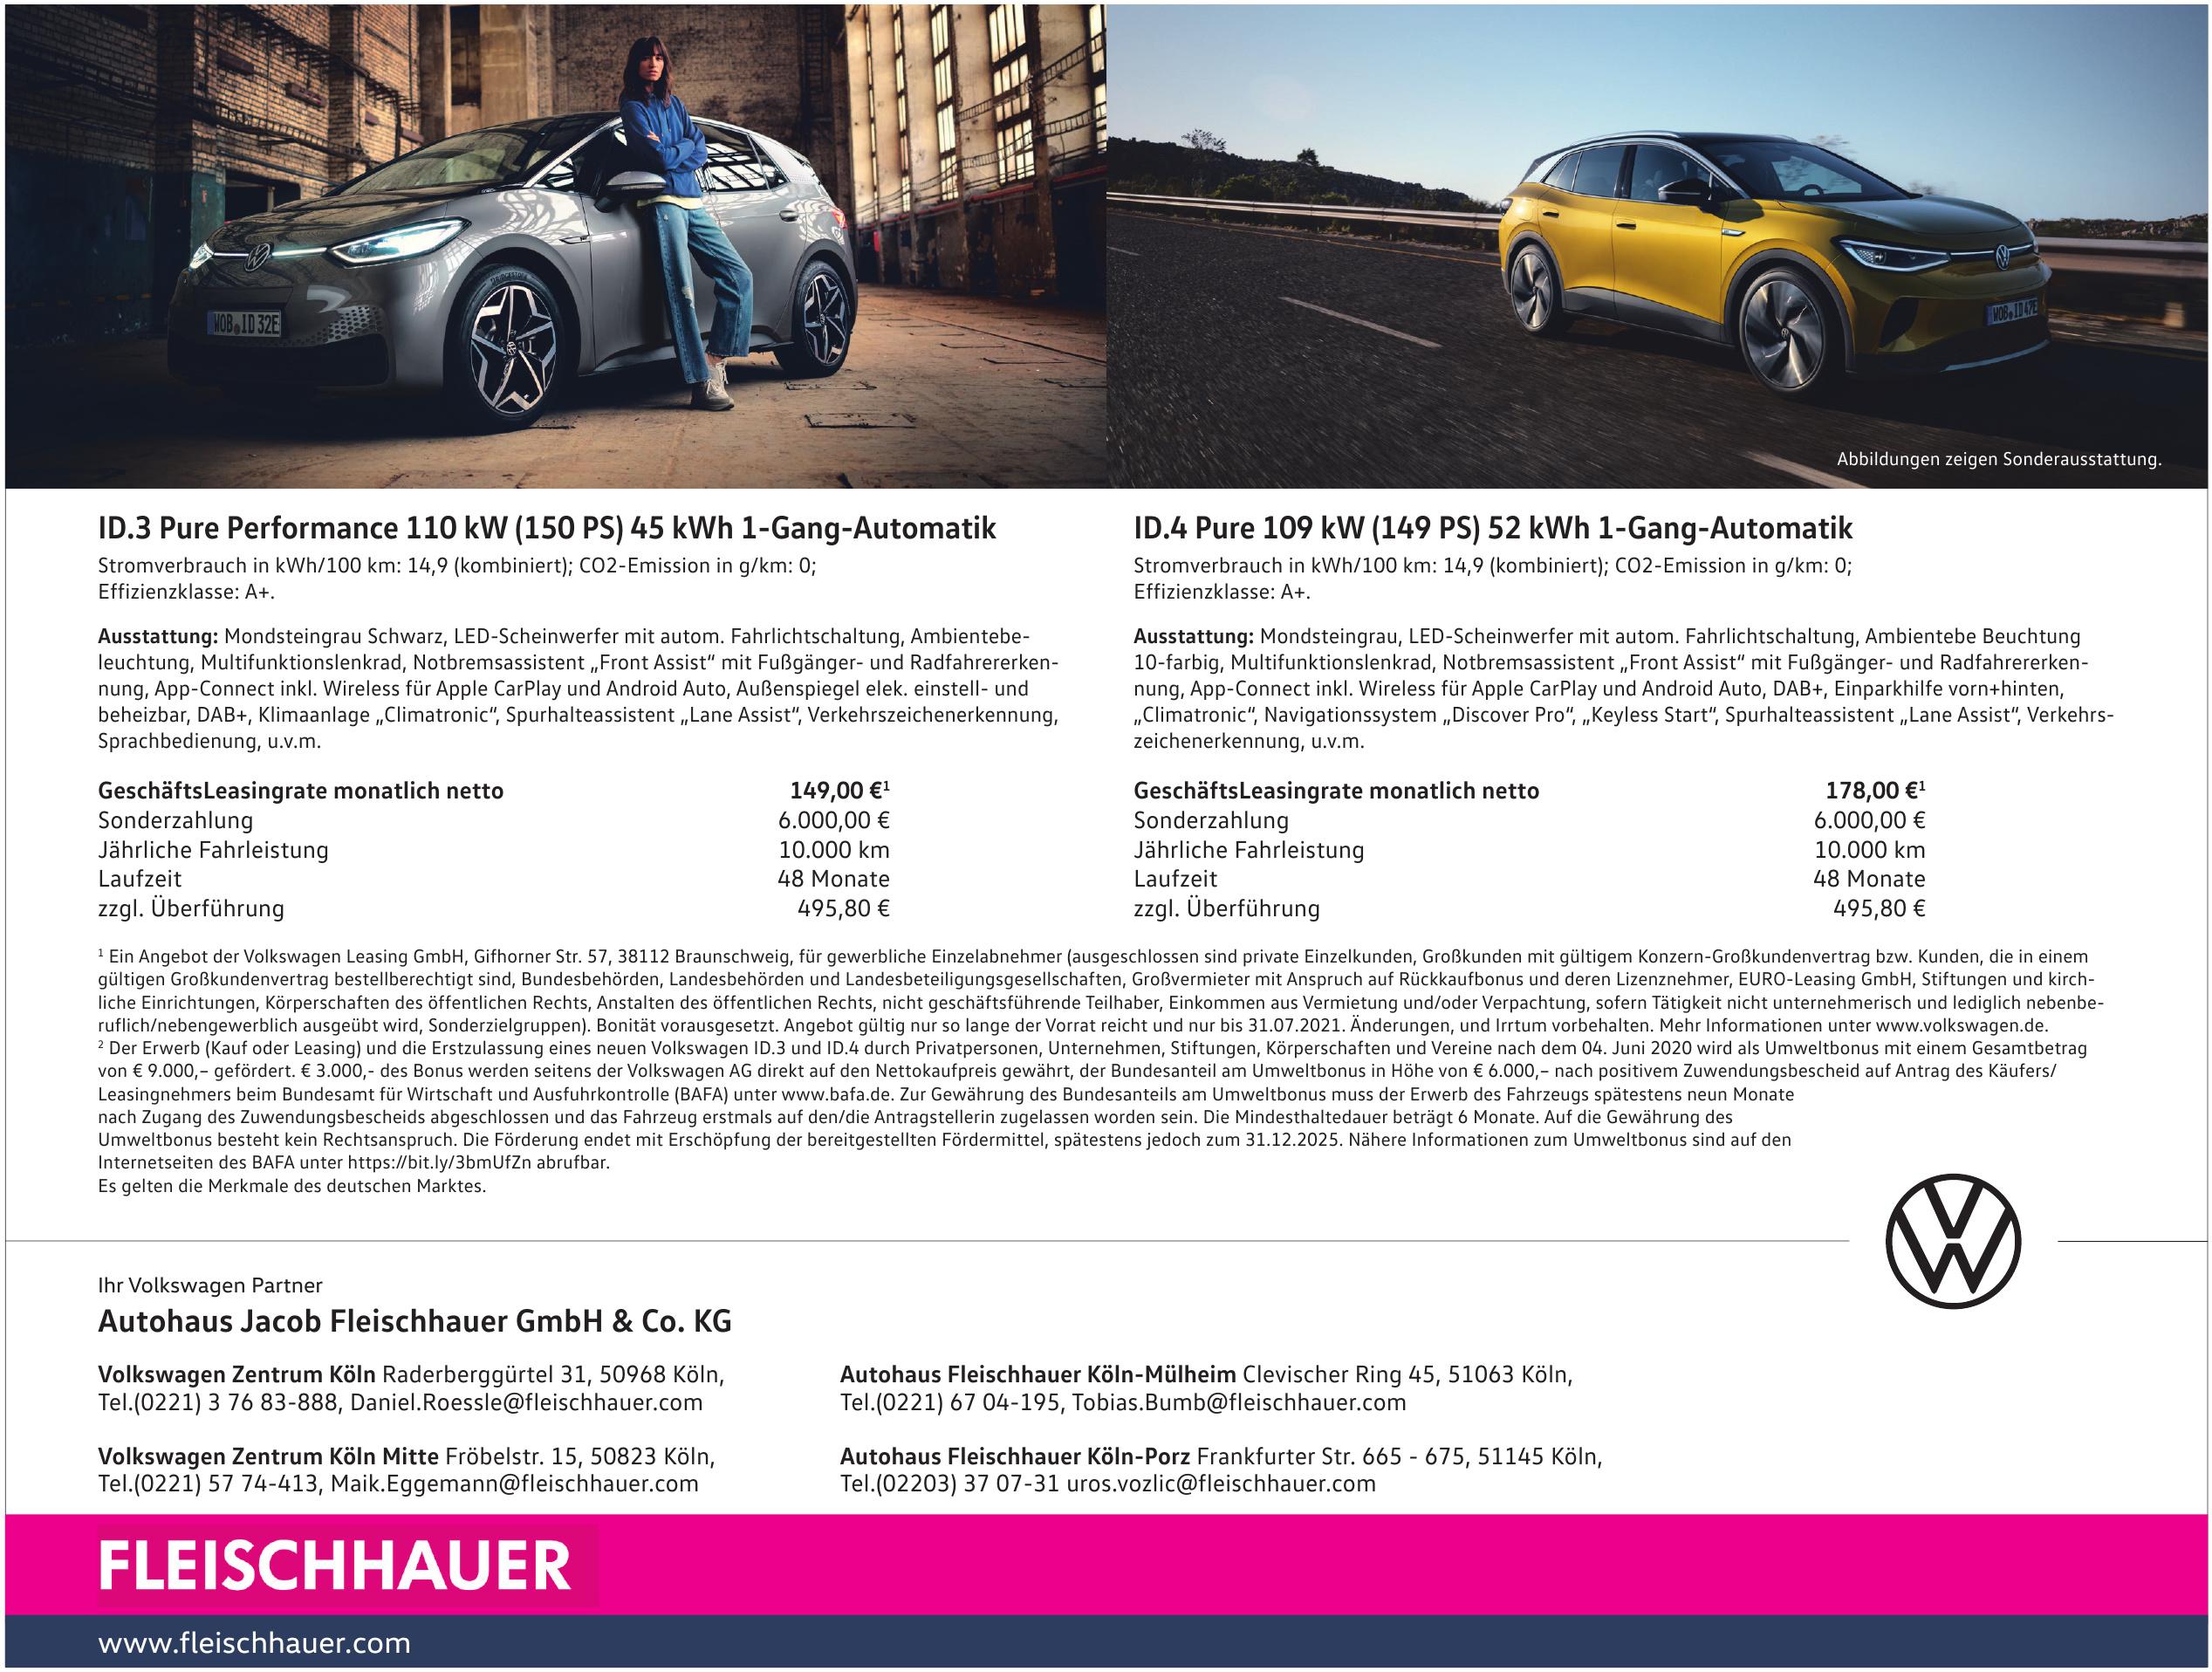 Autohaus Jacob Fleischhauer GmbH & Co. KG